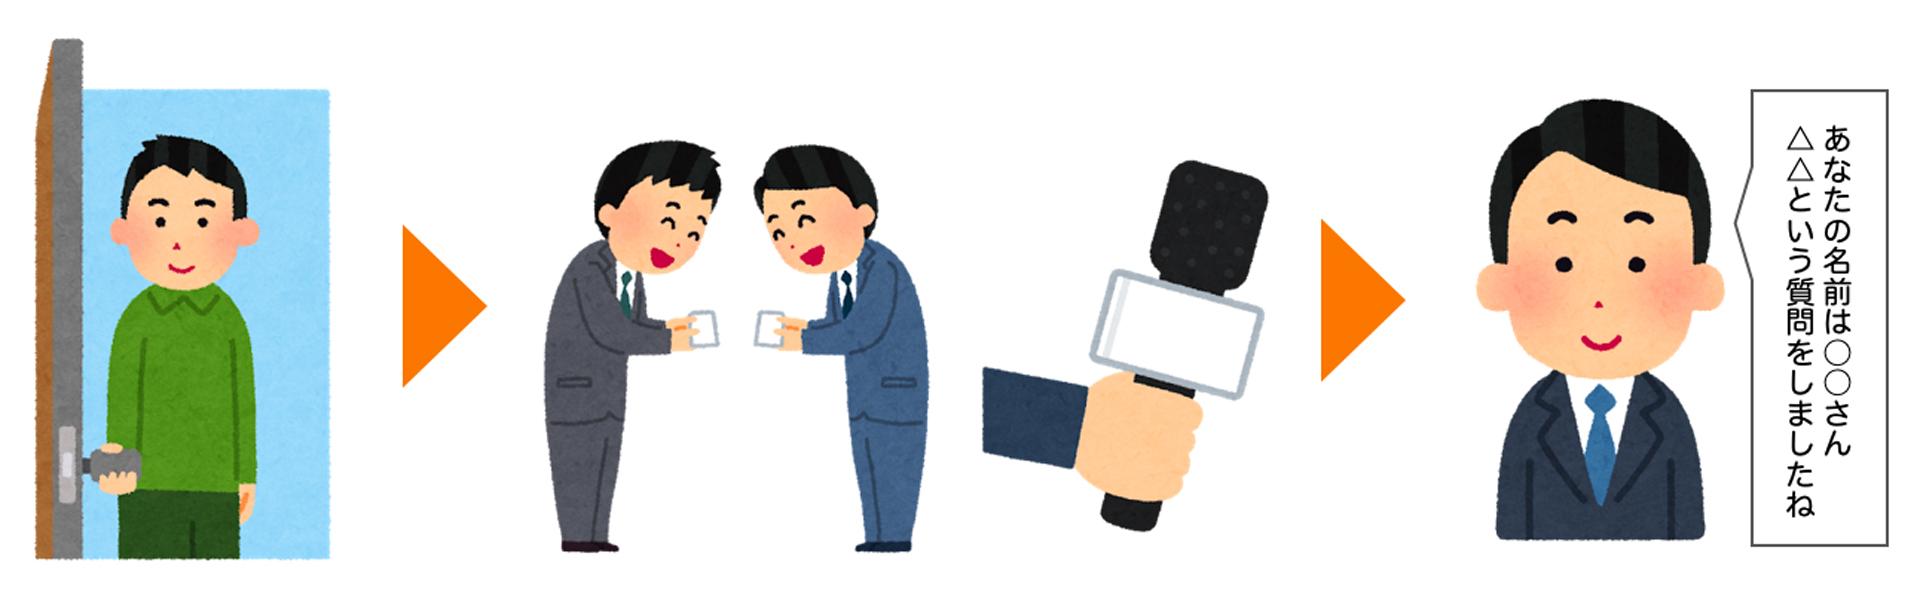 ikedayoshihiro_01_02.jpg